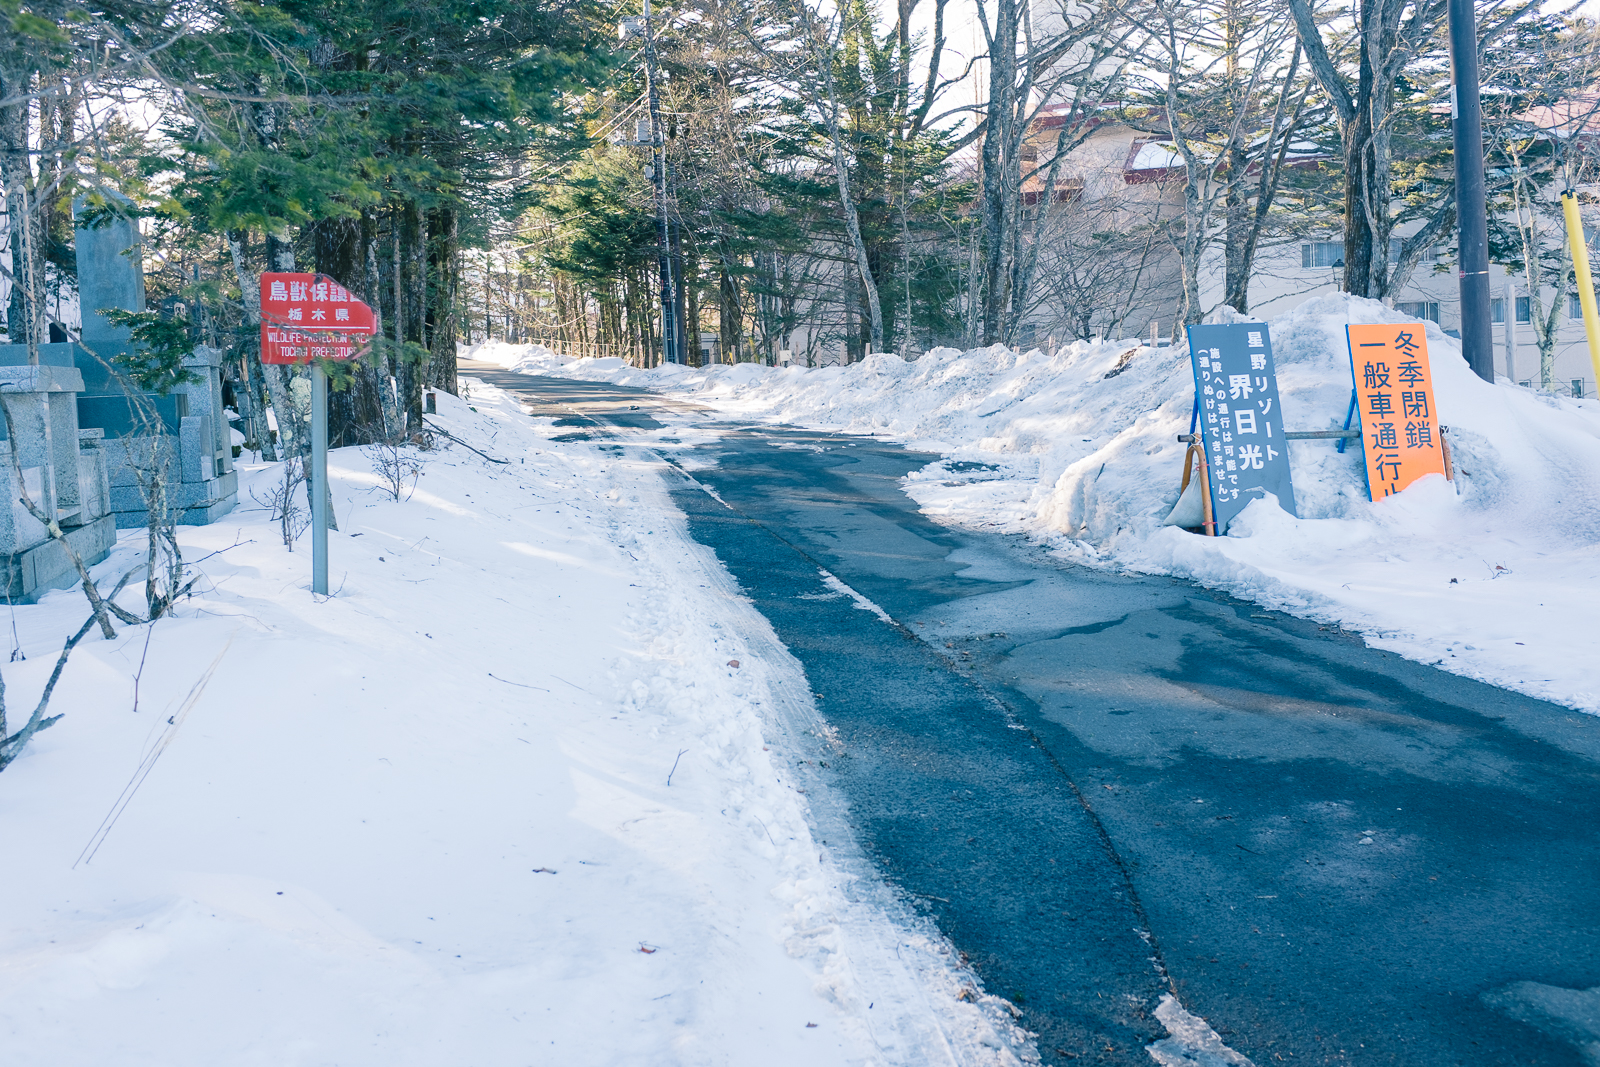 Une ruelle bordée de neige aux abords du lac Chuzenji, proche de Nikko